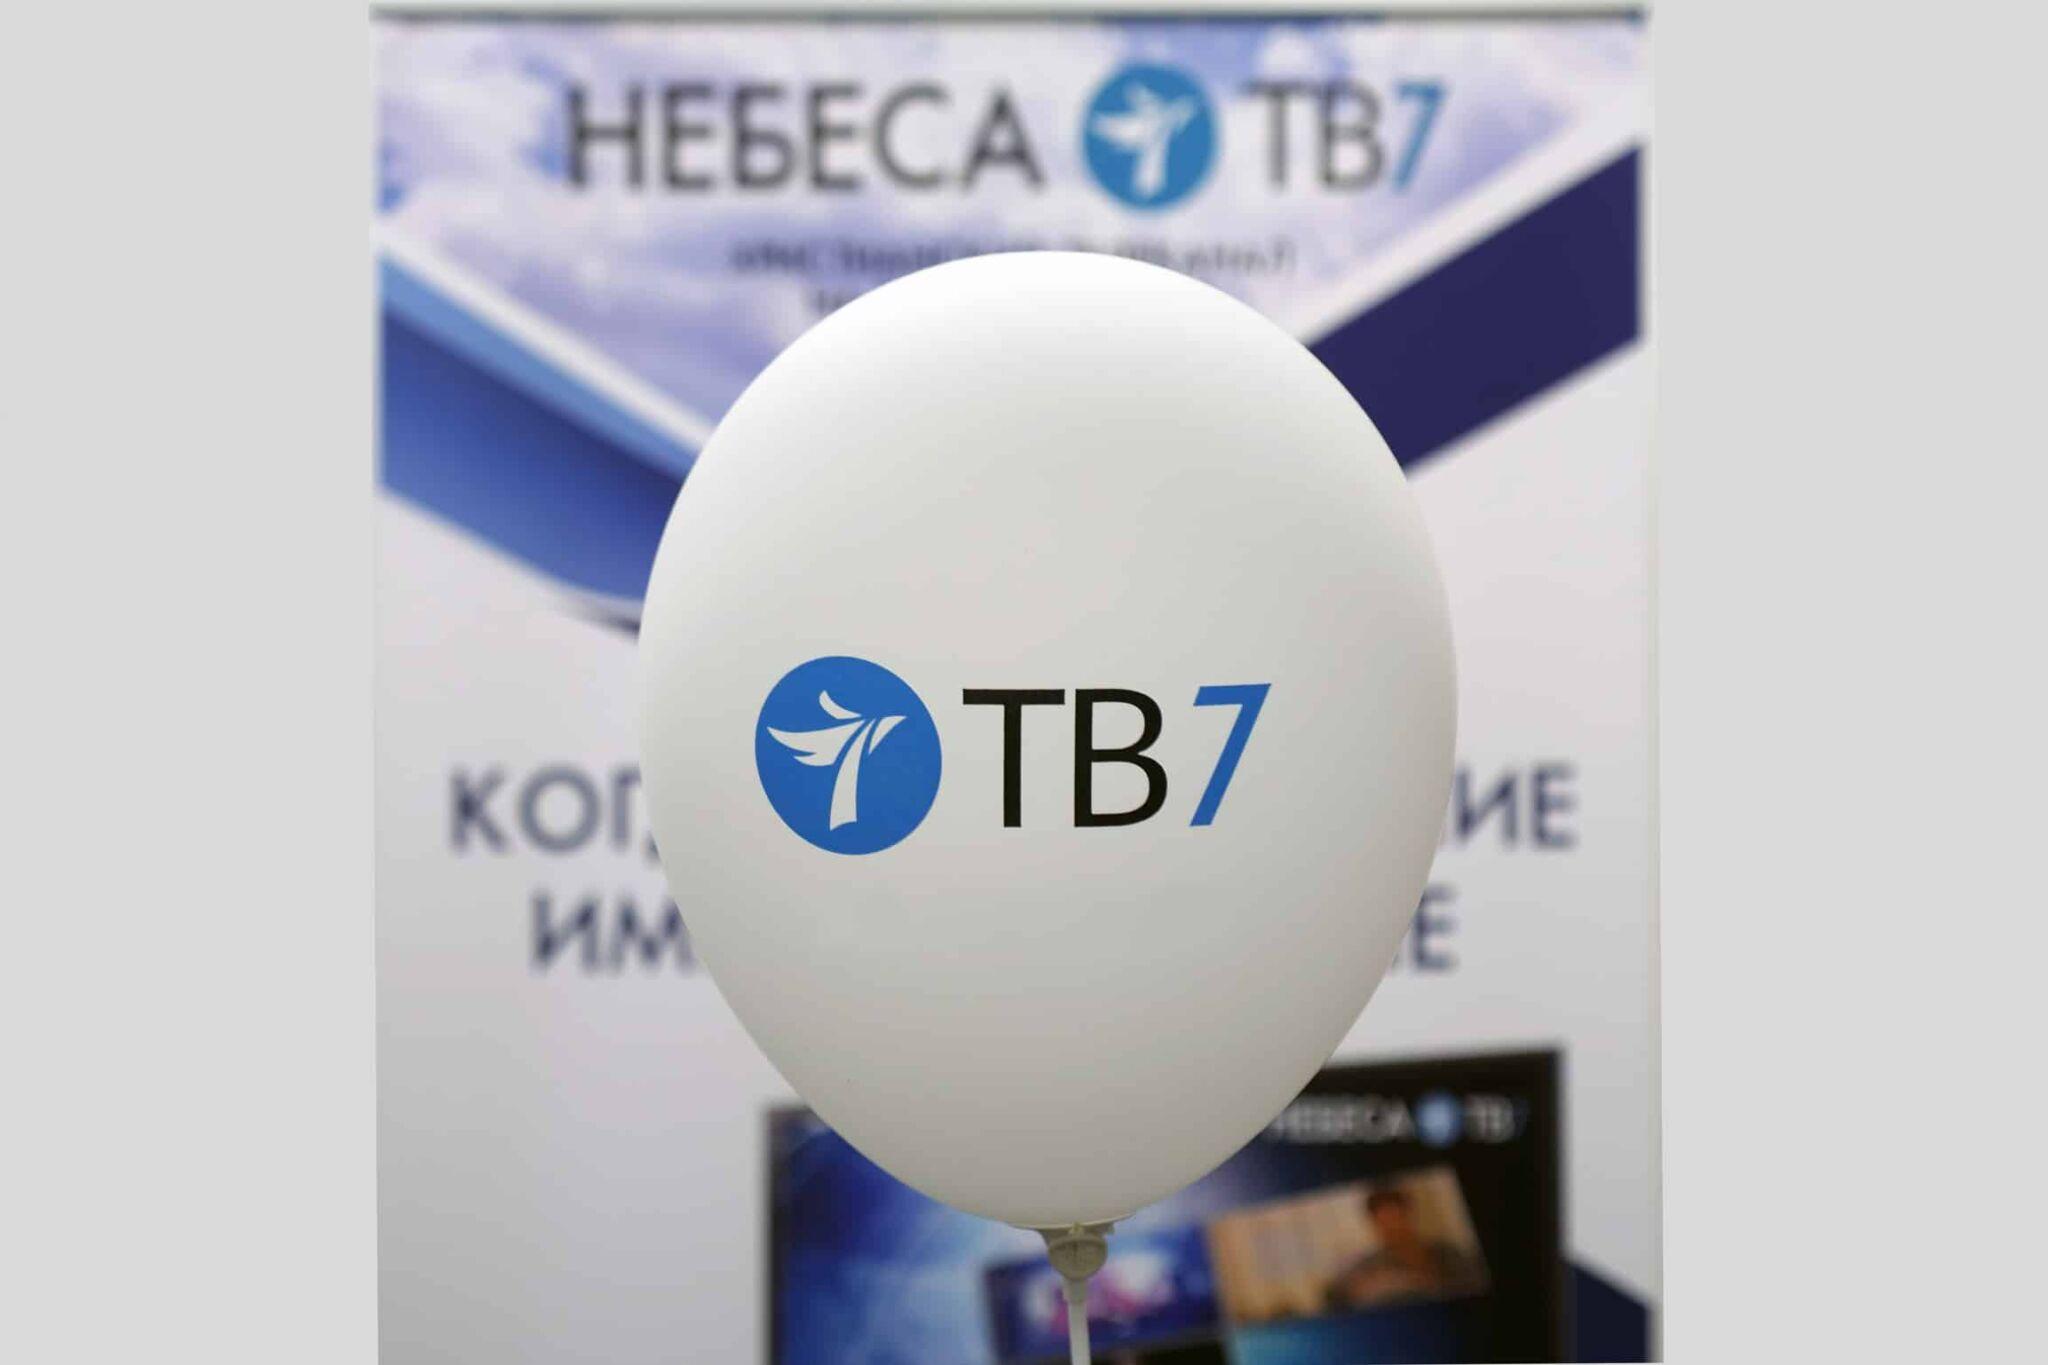 Телеканал «Небеса ТВ7» звучит в эфире уже три года!